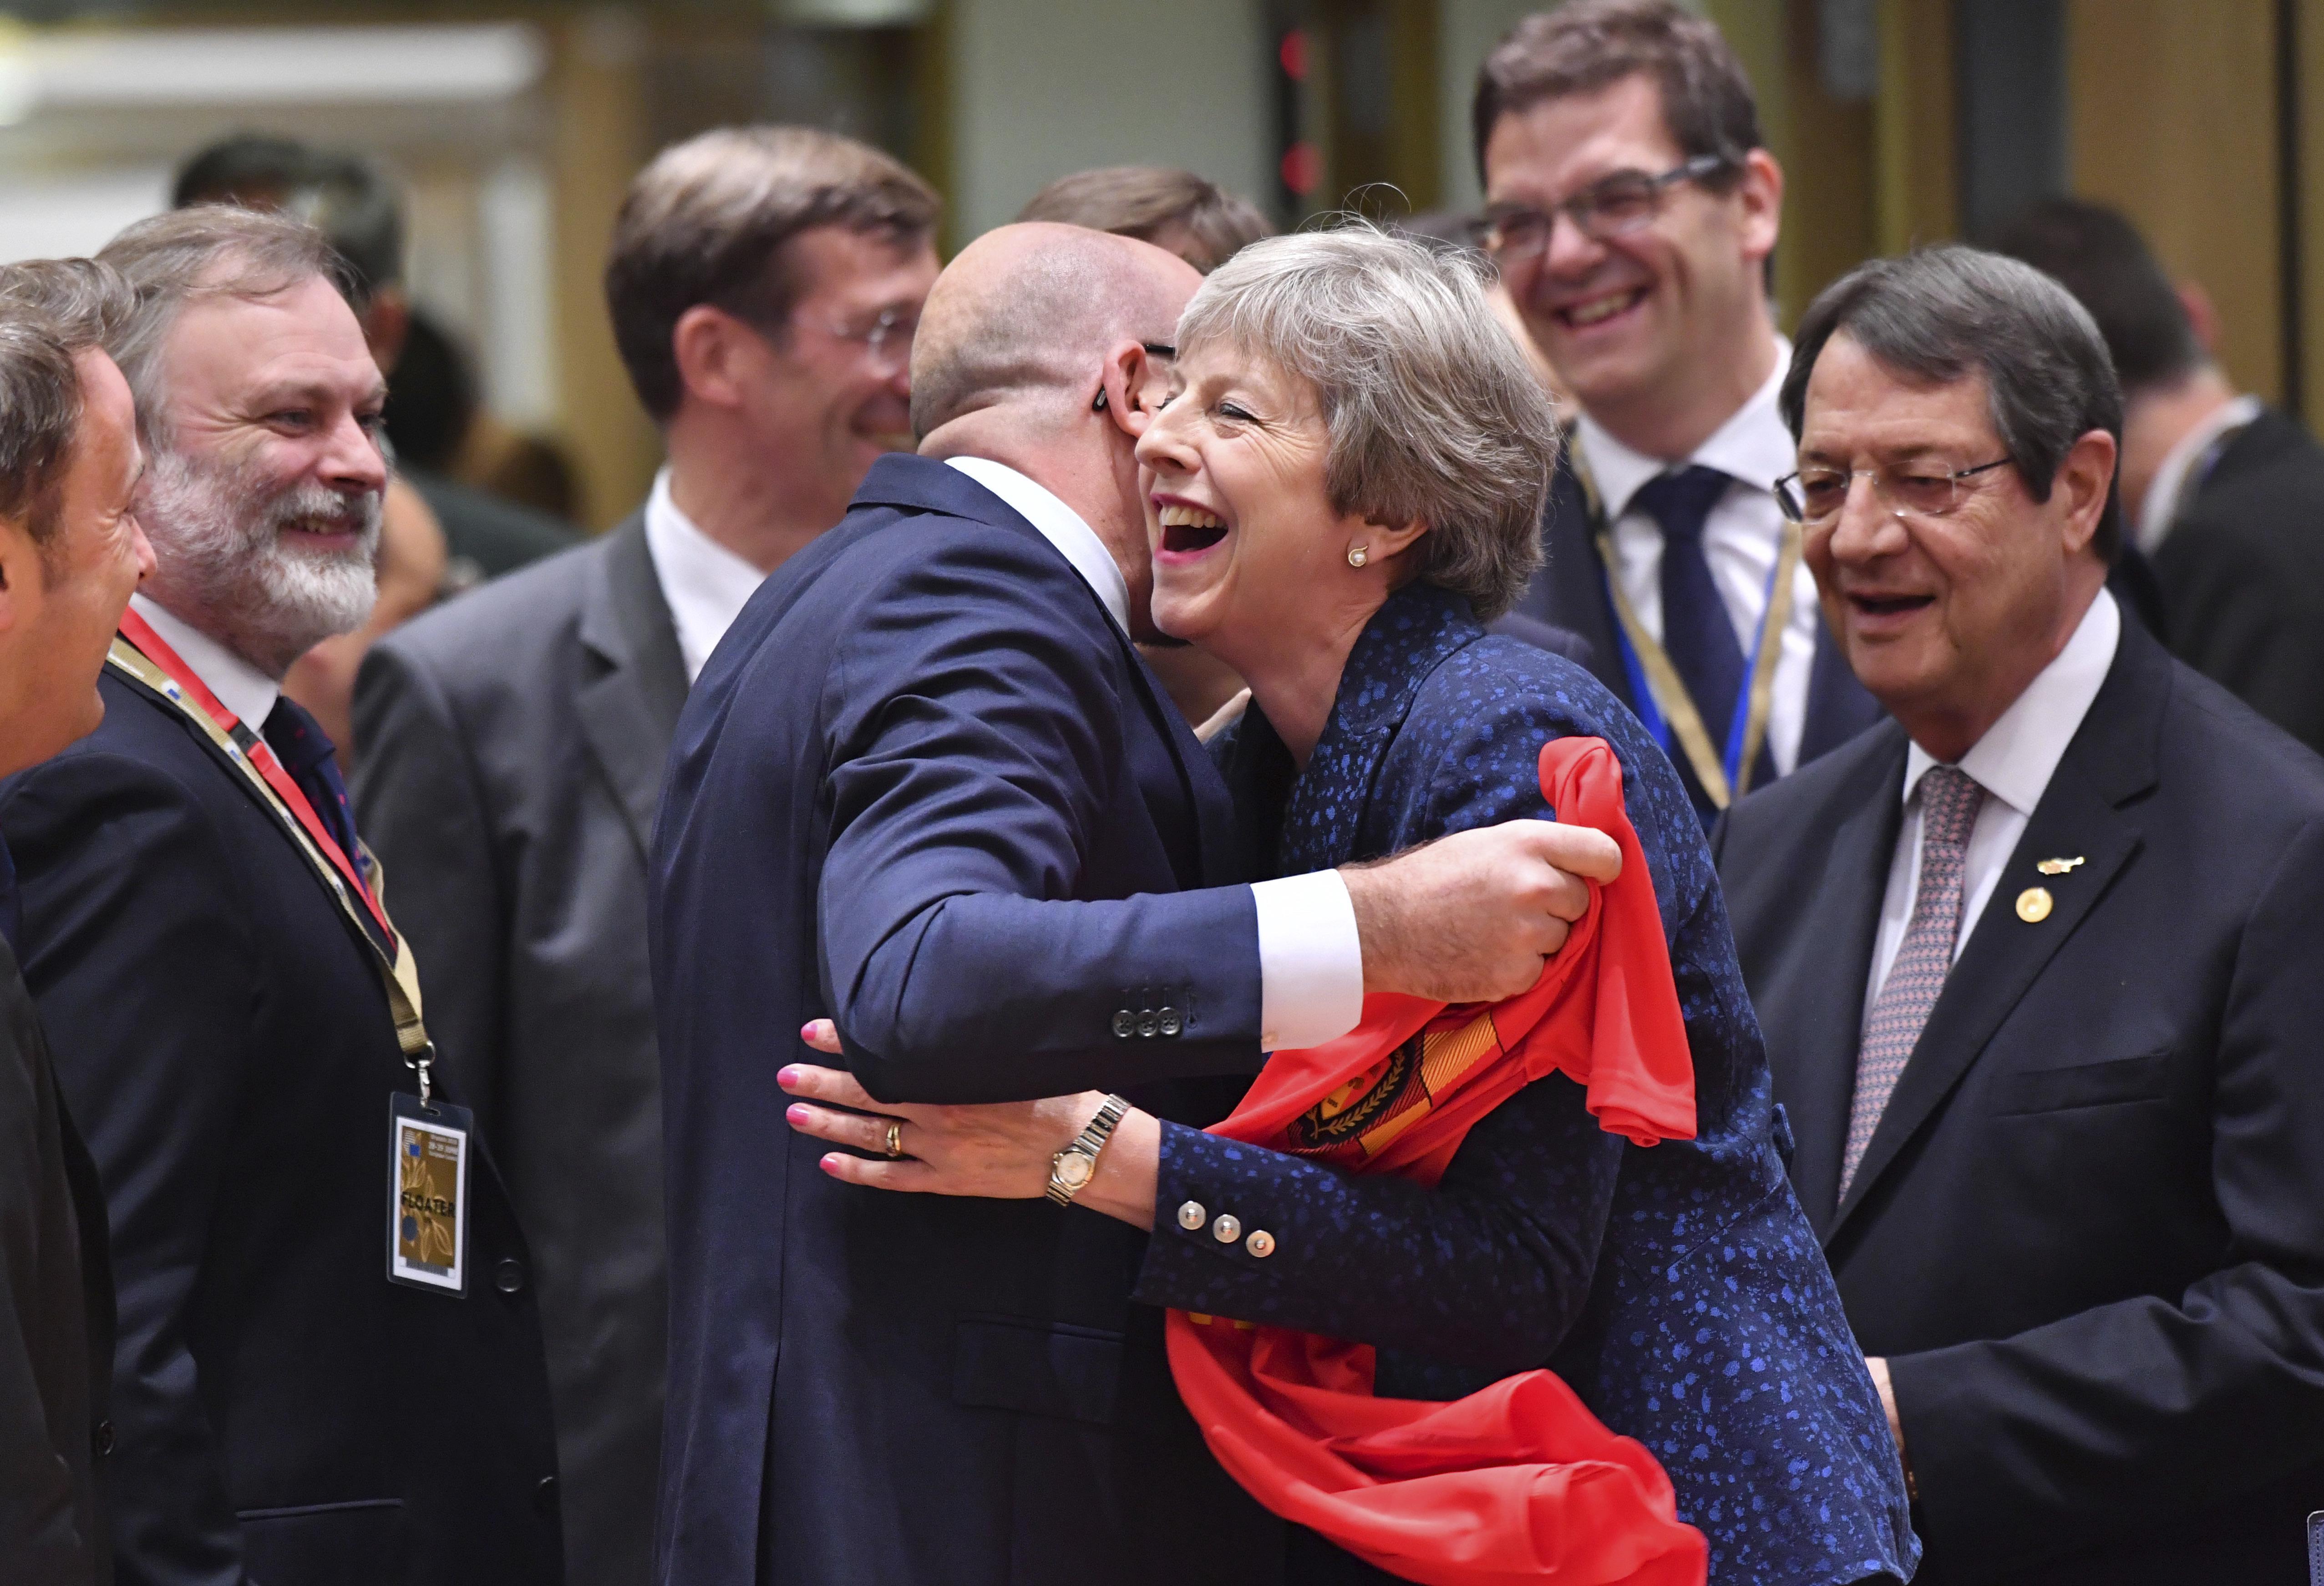 ... της ΕΕ στη συνέχεια απευθύνθηκε στον πρωθυπουργό της Ιρλανδίας Λέο  Βαραντκάρ dbc5a5fe07e